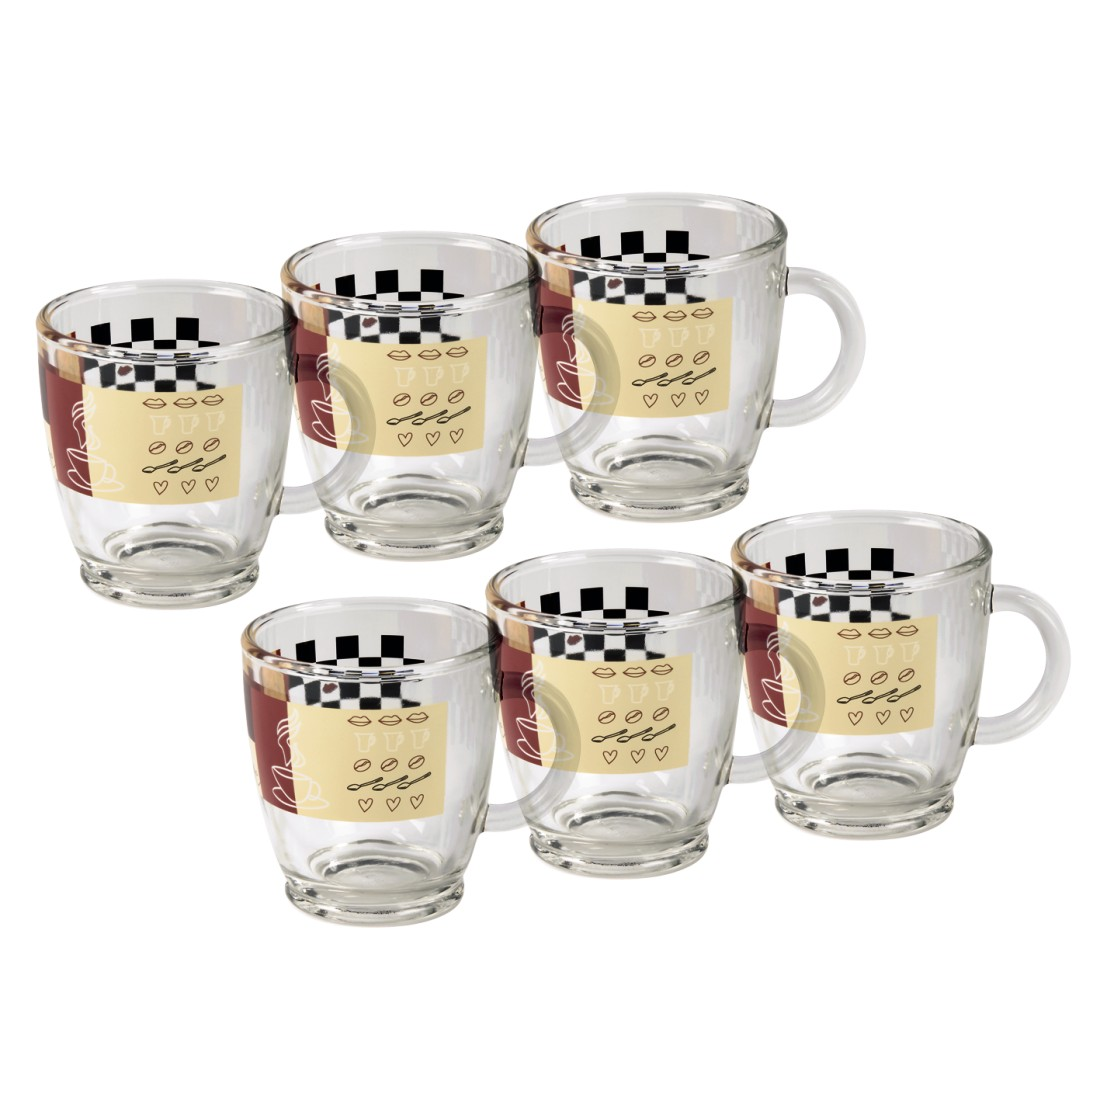 00111084 xavax kaffeetasse aus glas mit dekor 6 st ck xavax die starke marke im. Black Bedroom Furniture Sets. Home Design Ideas